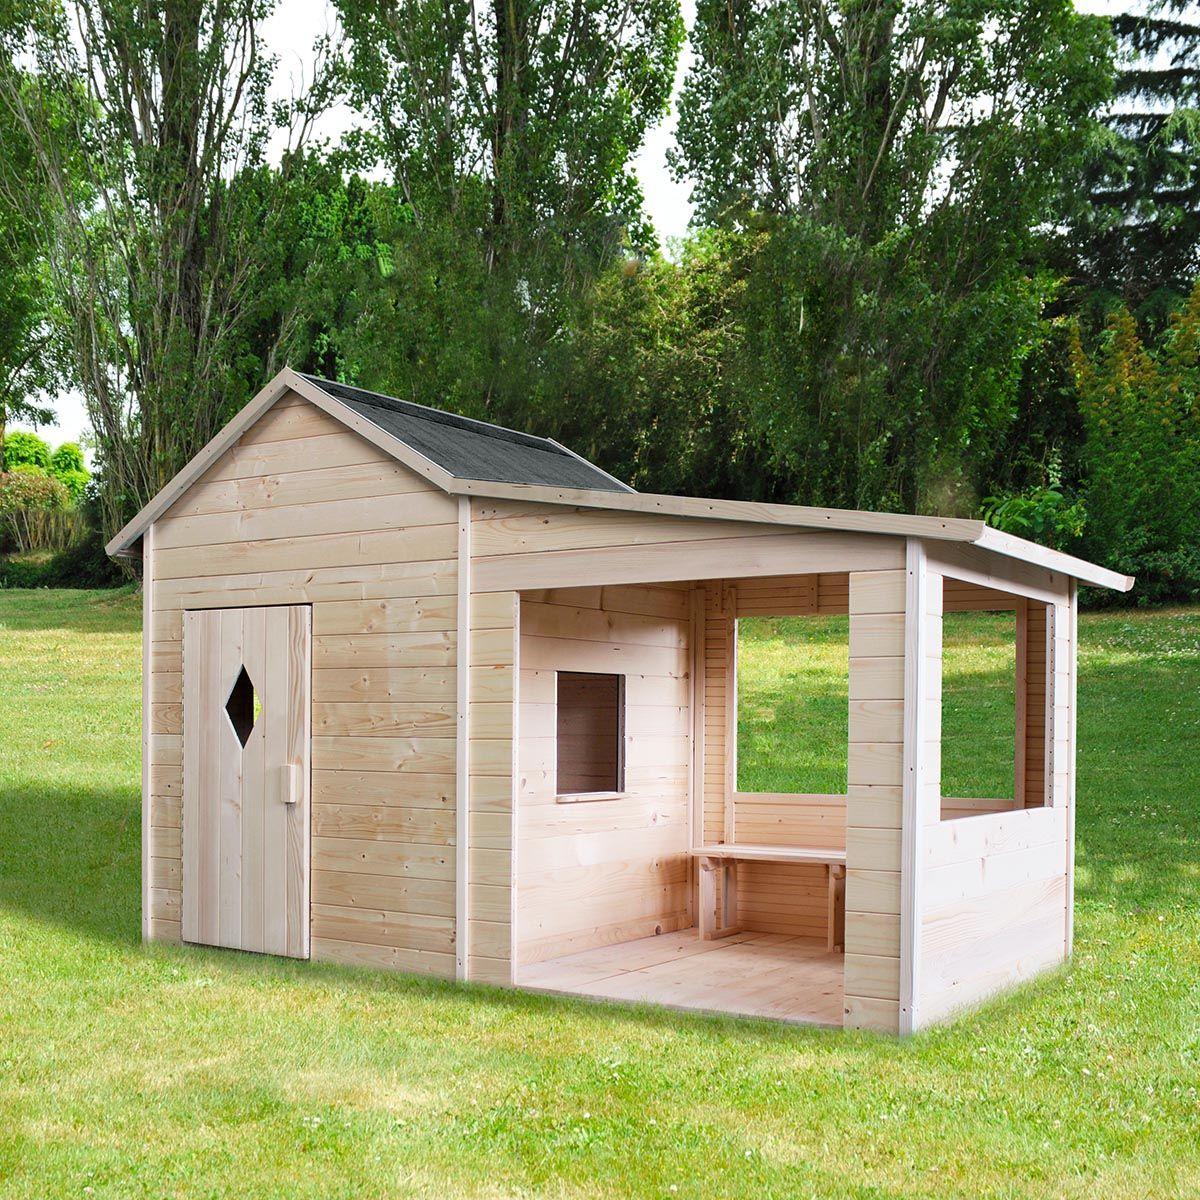 Grande Cabane De Jardin Pas Cher cabane pour enfant en bois avec préau et banc - amaryllis